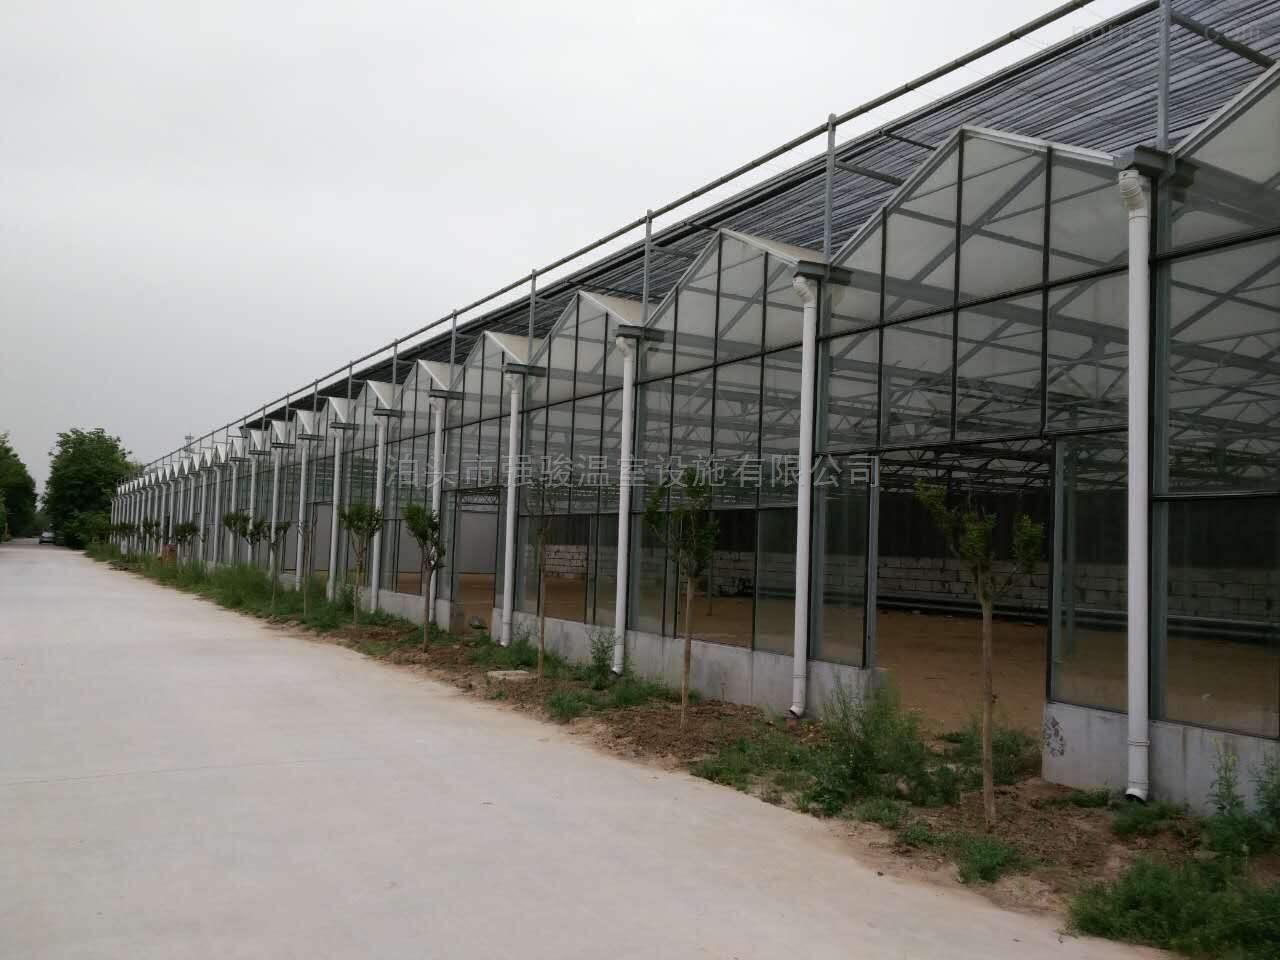 供应温室大棚配件批发 大棚钢骨架型号